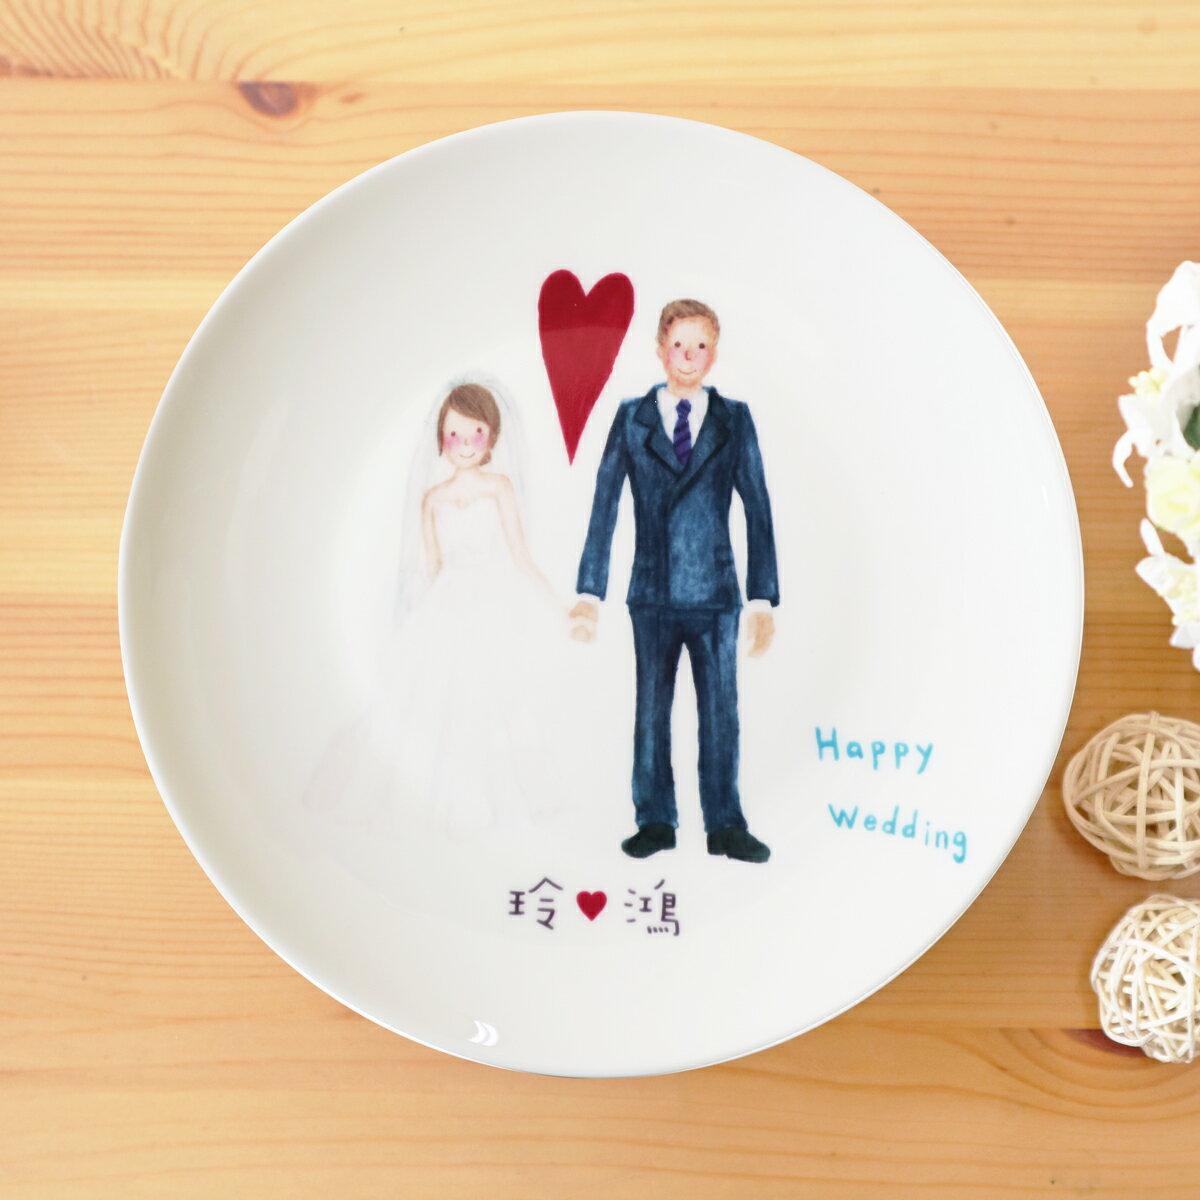 《陶緣彩瓷》 新婚快樂 Happy Wedding-6.5吋骨瓷盤 / 結婚禮物/婚禮小物/伴娘禮物/客製化